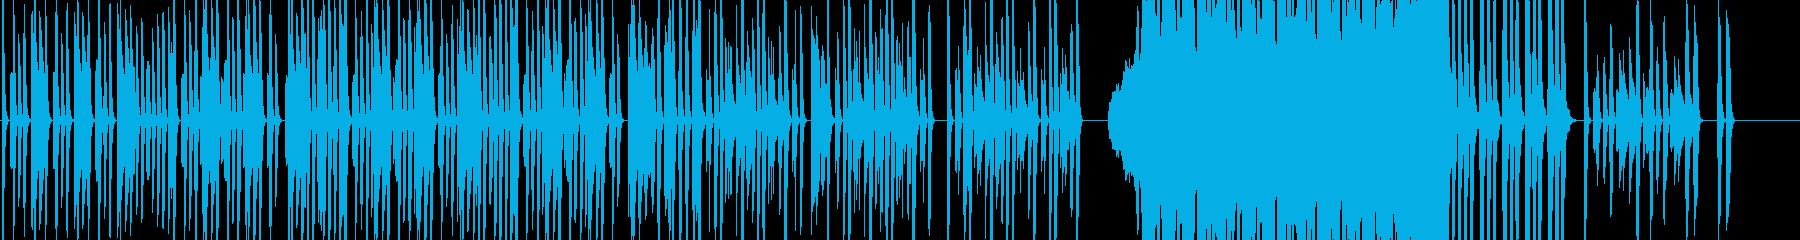 奇妙コミカル・不思議・疑問・ミステリアスの再生済みの波形